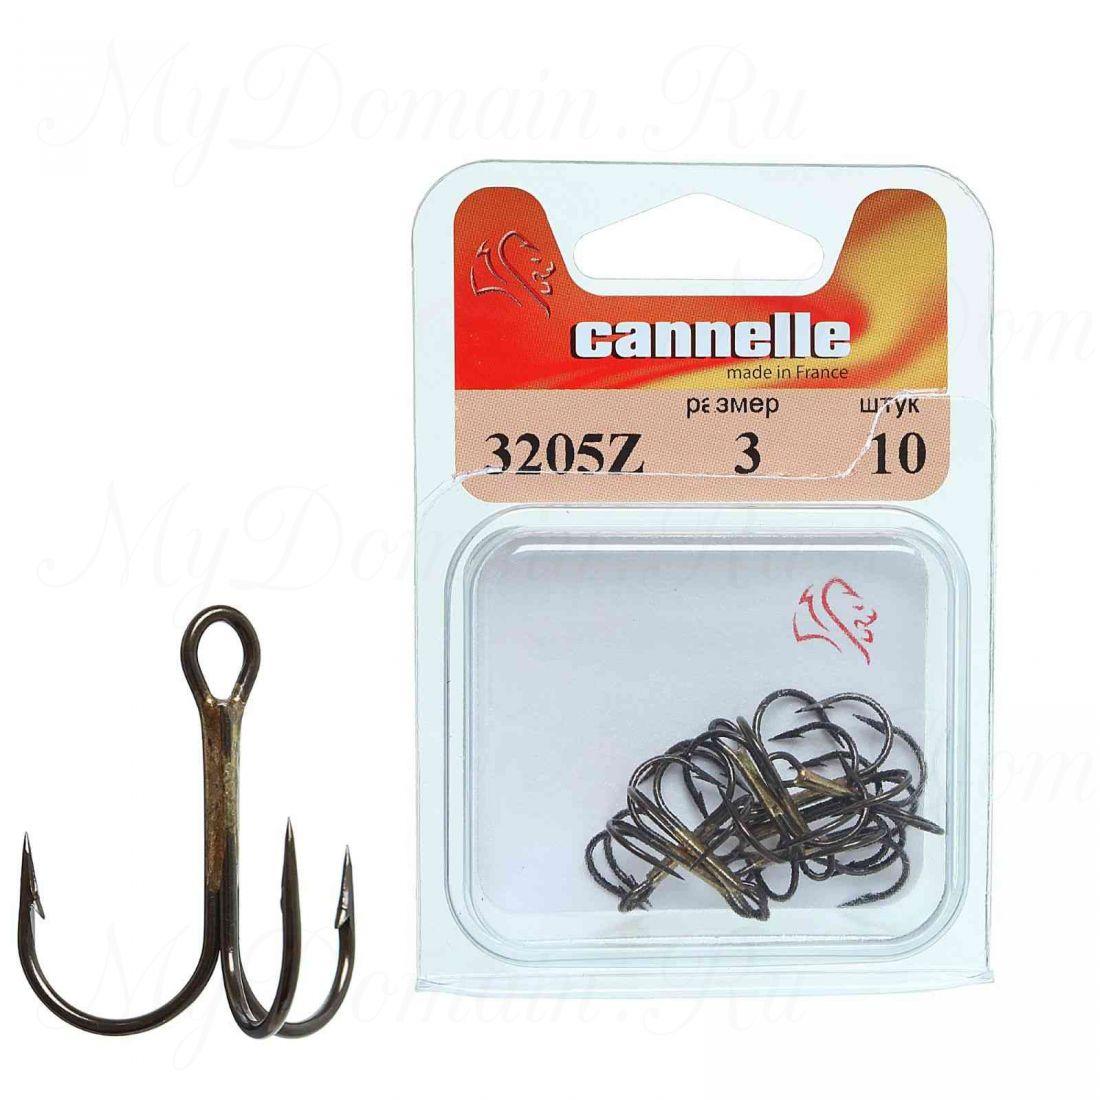 Тройник Cannelle 3205 N № 1 уп. 10 шт. (никель,круглый поддев,стандартный тройник,средняя проволка)